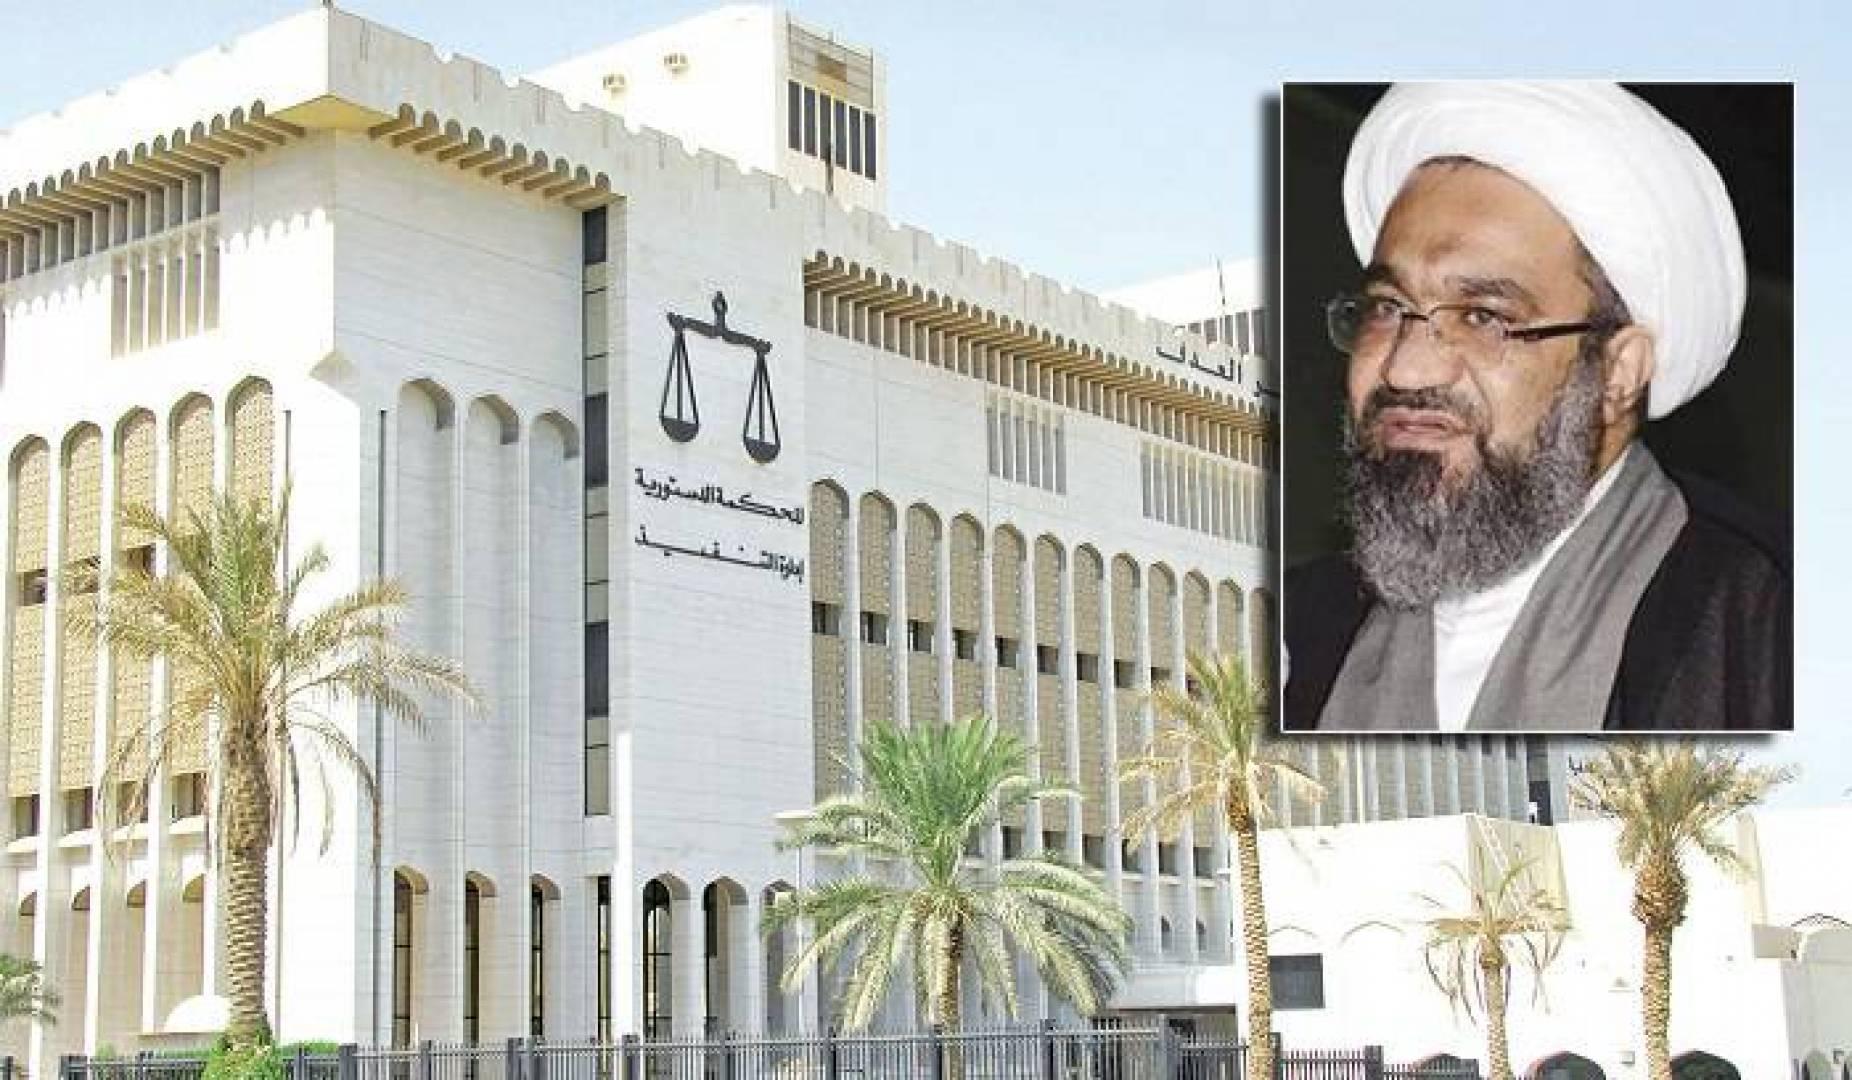 حبس حسين المعتوق 5 سنوات.. وبراءة 6 مواطنين